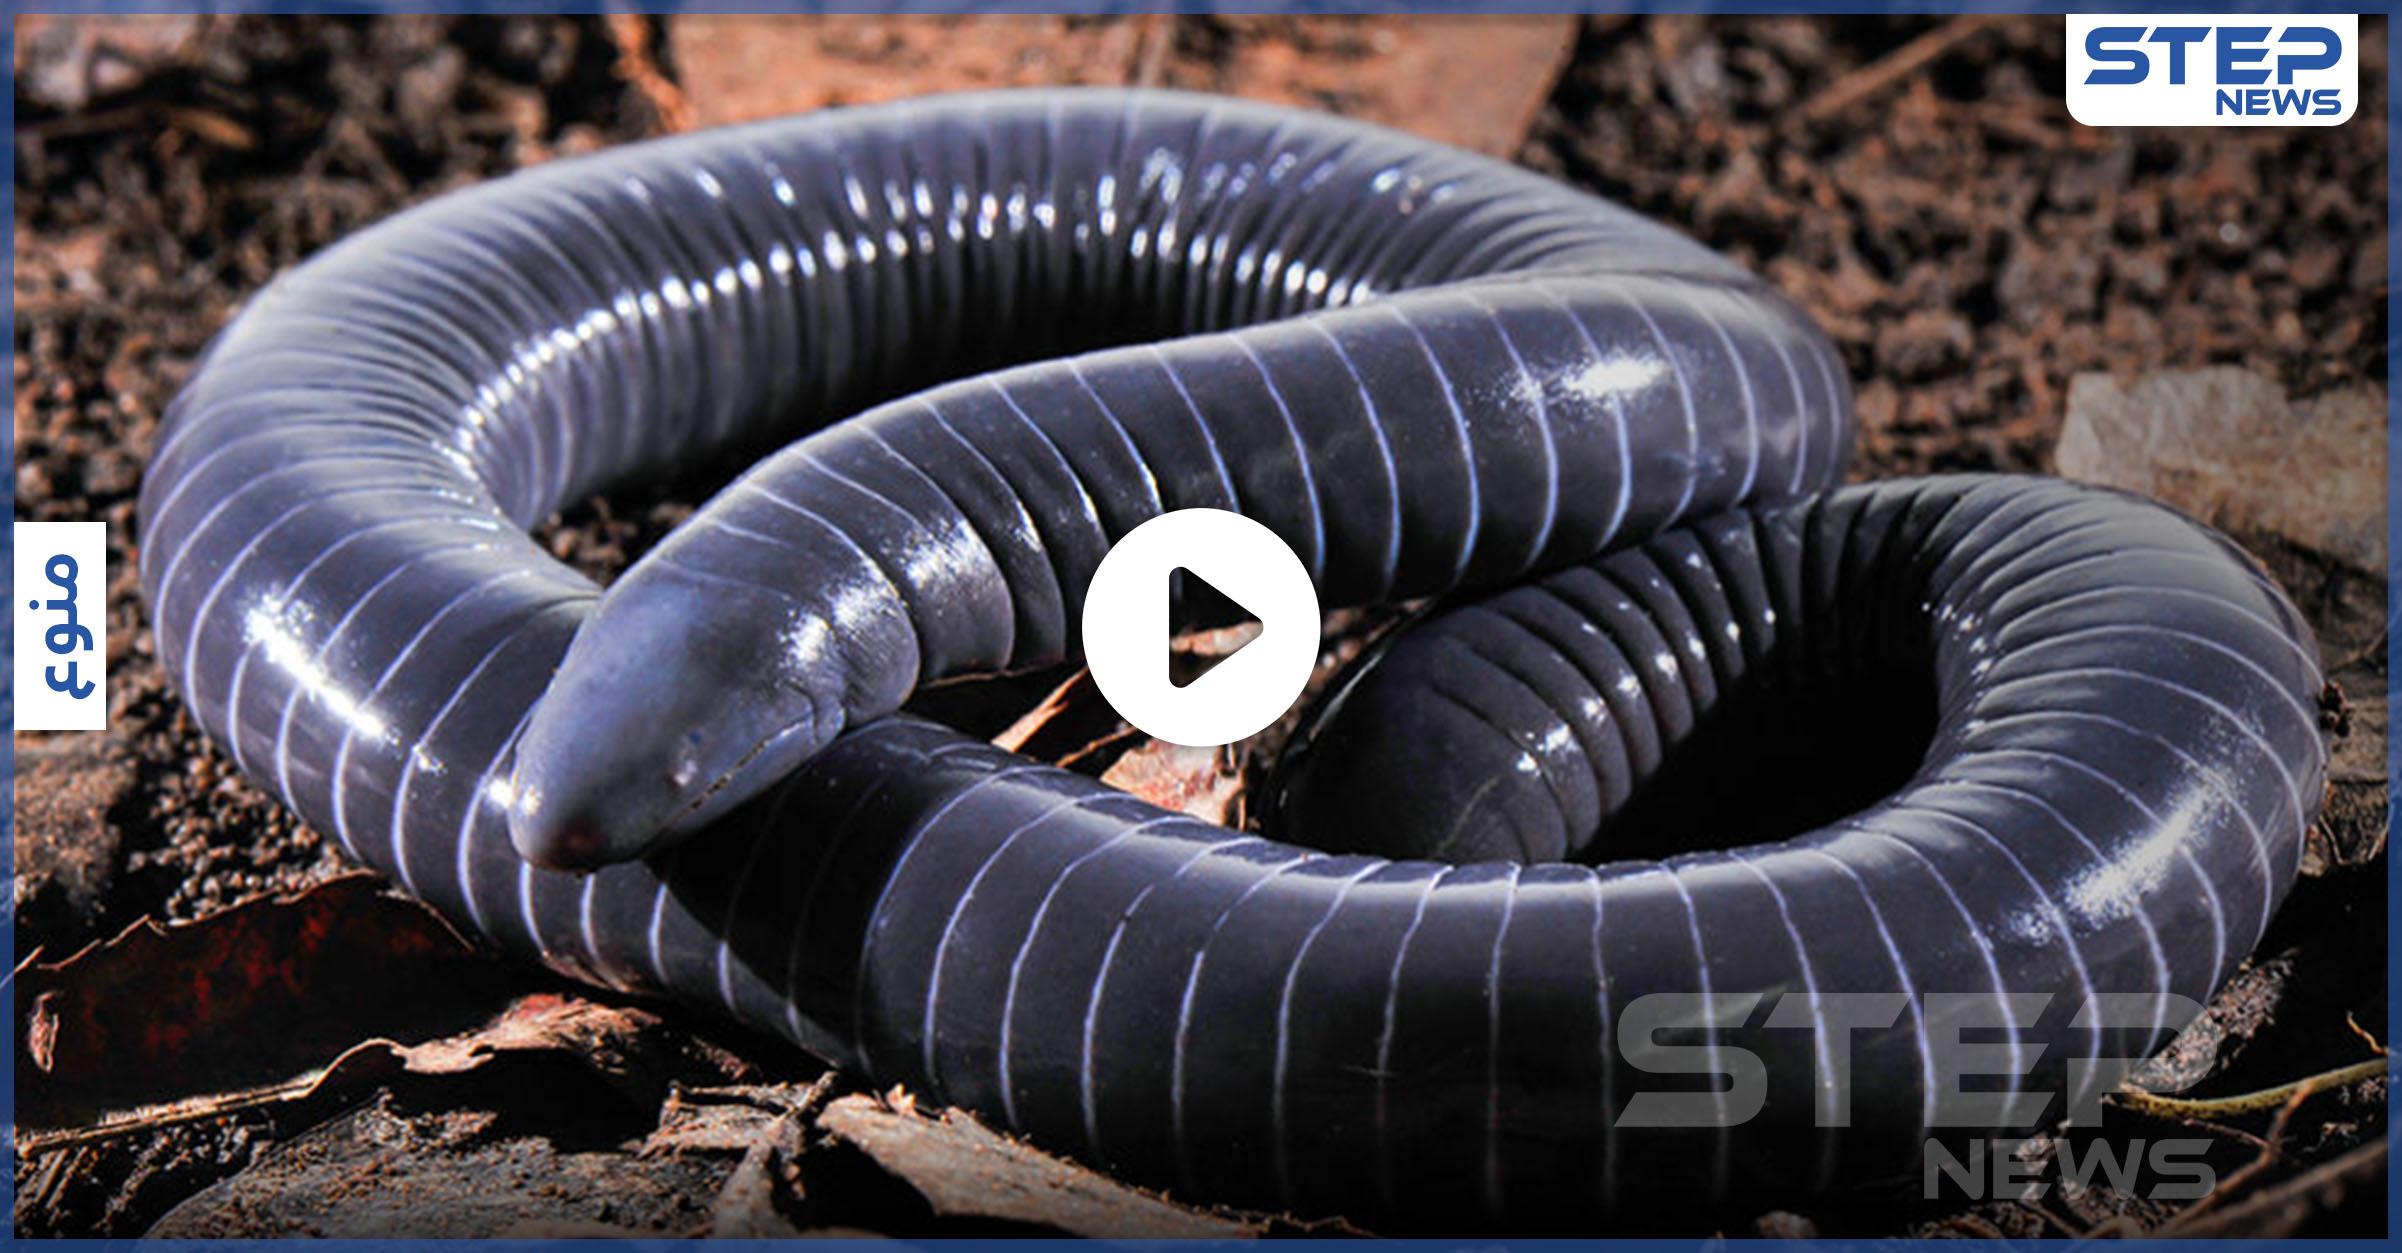 اكتشاف أول حيوان برمائي بأسنان سامة